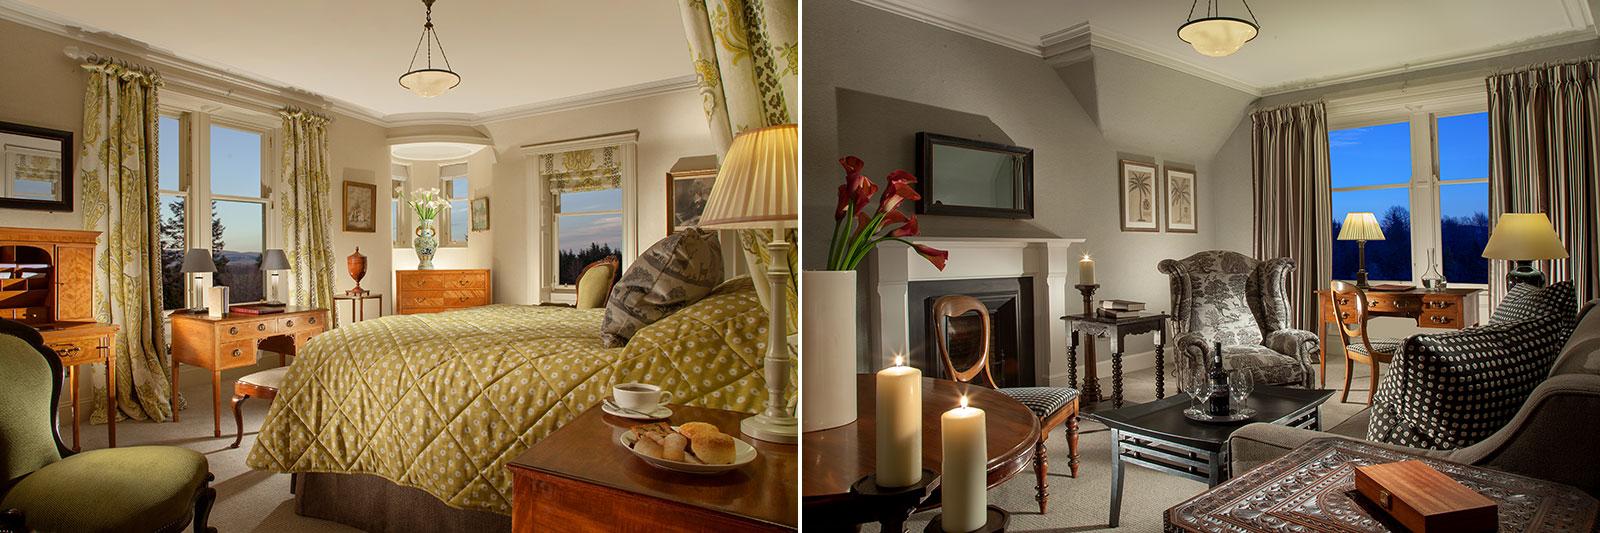 Cromlix Hotel Camere e suite The-Ducker